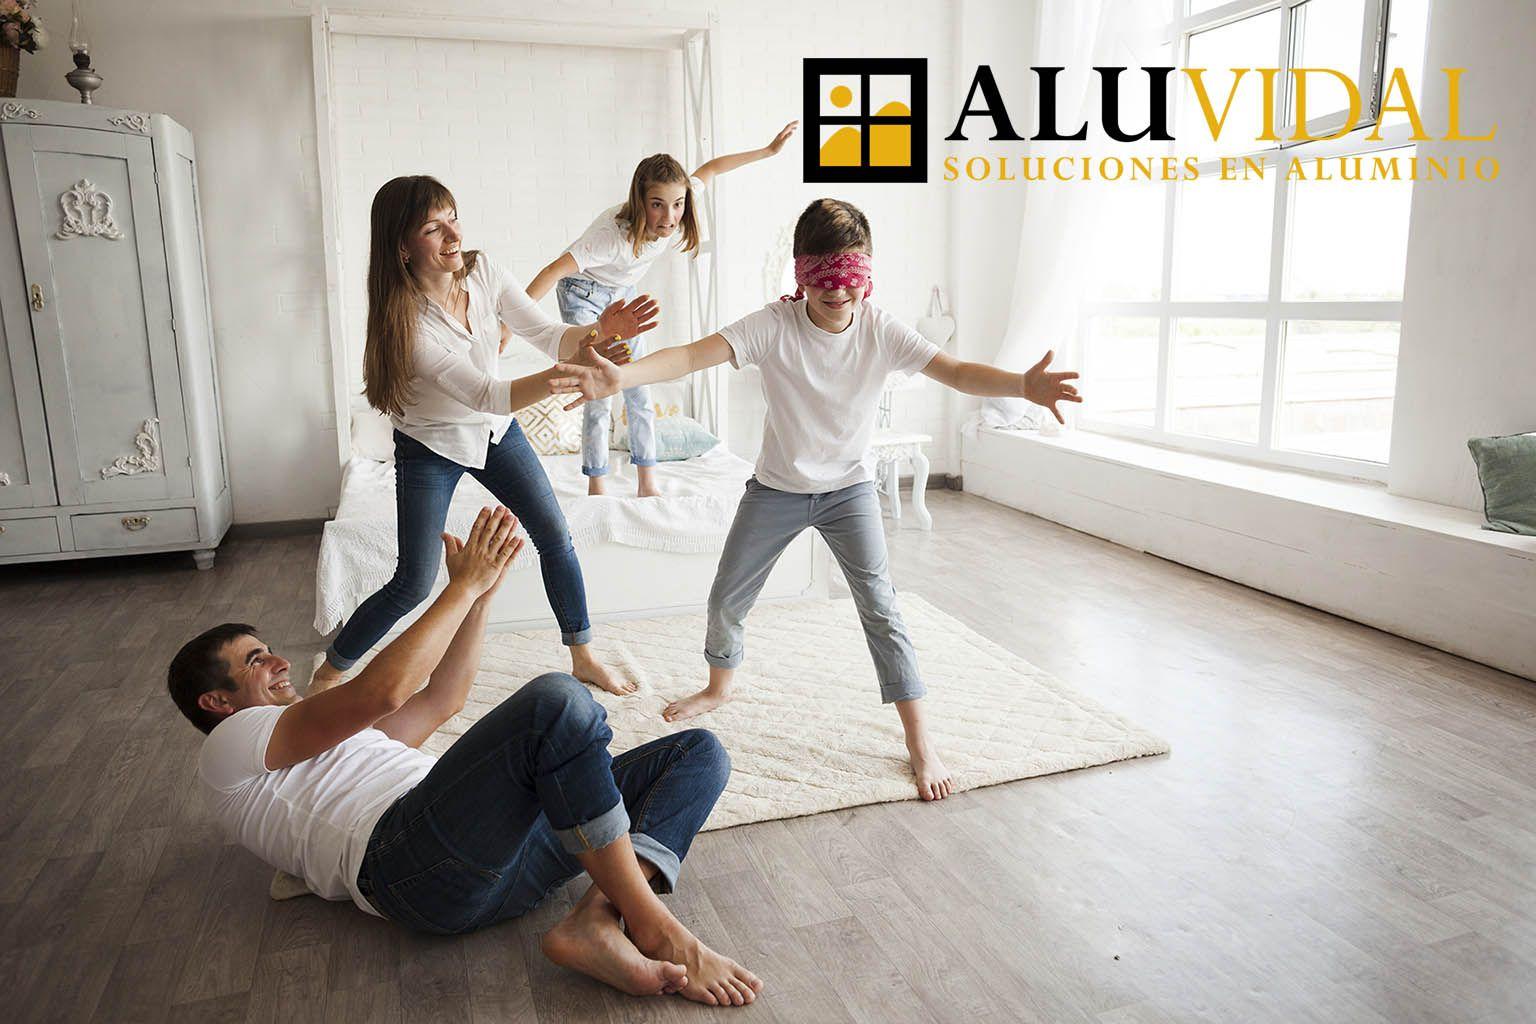 Aluvidal fabrica e instala ventanas con aislamiento térmico para aumentar el confort en los hogares